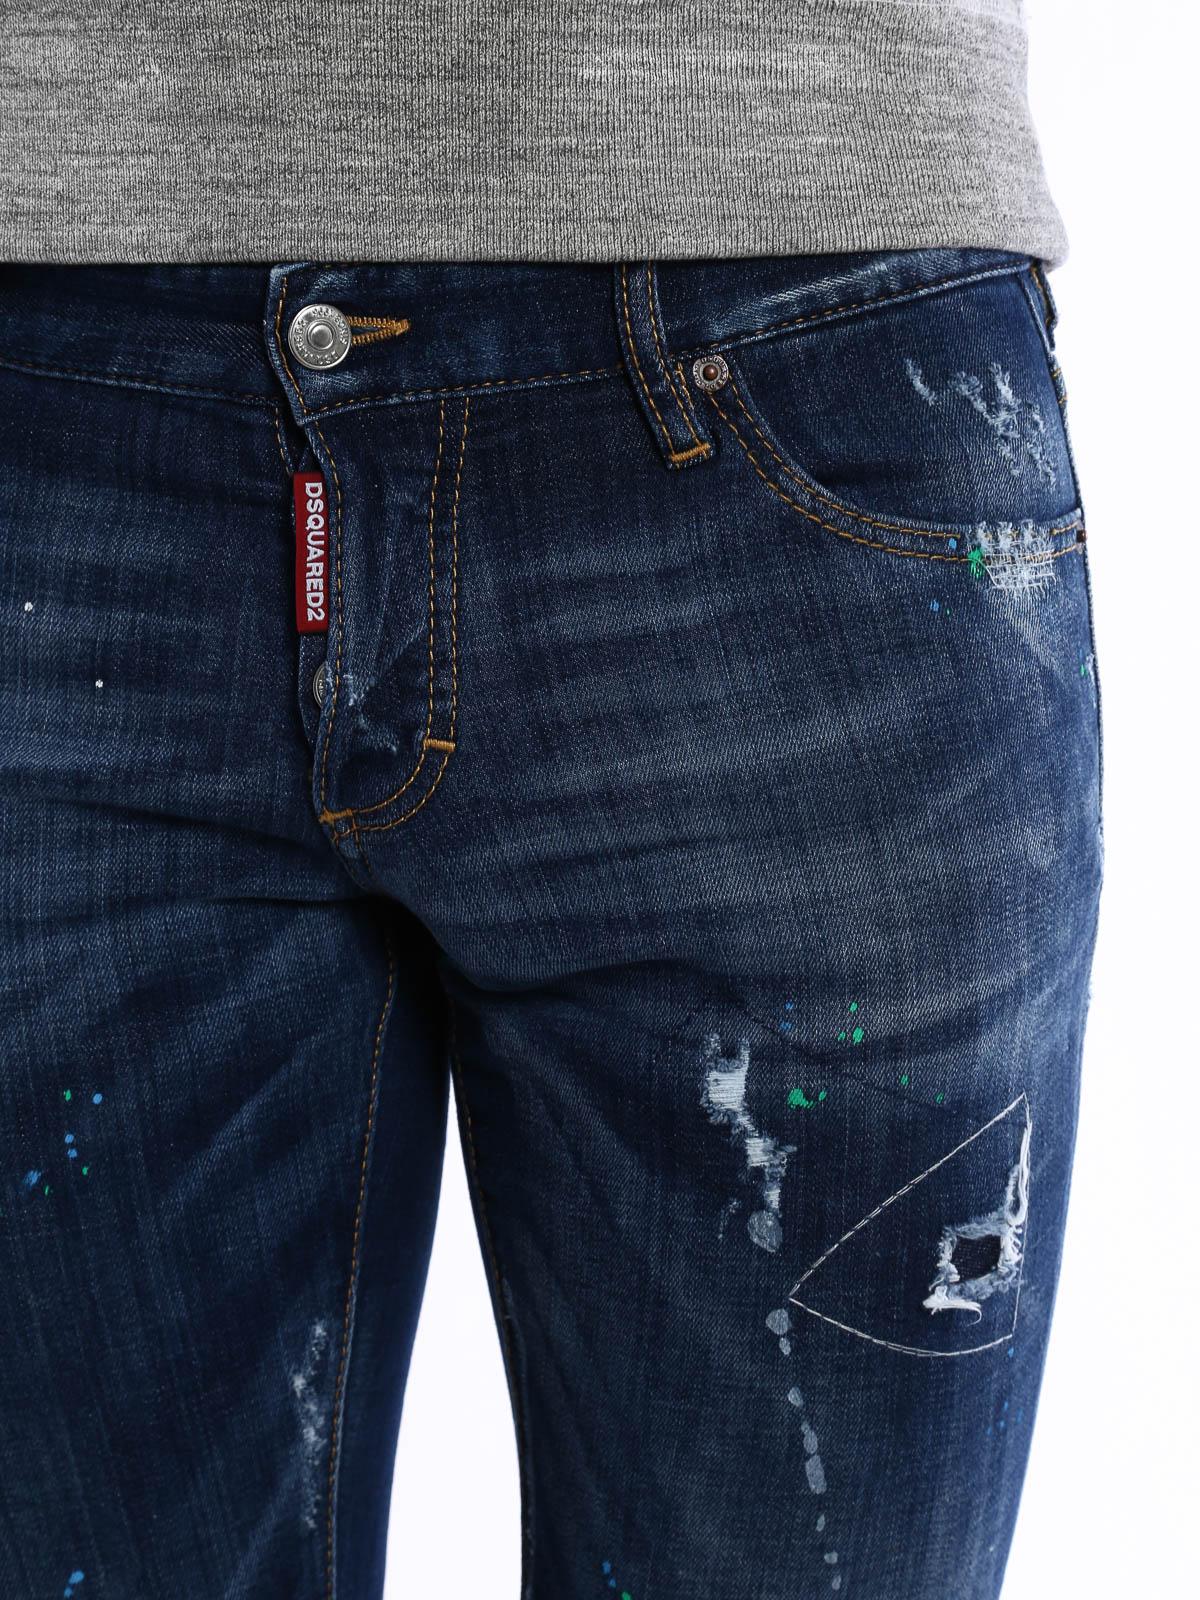 608c051416 Dsquared2 - Slim jeans - skinny jeans - S74LA0900 S30342 470